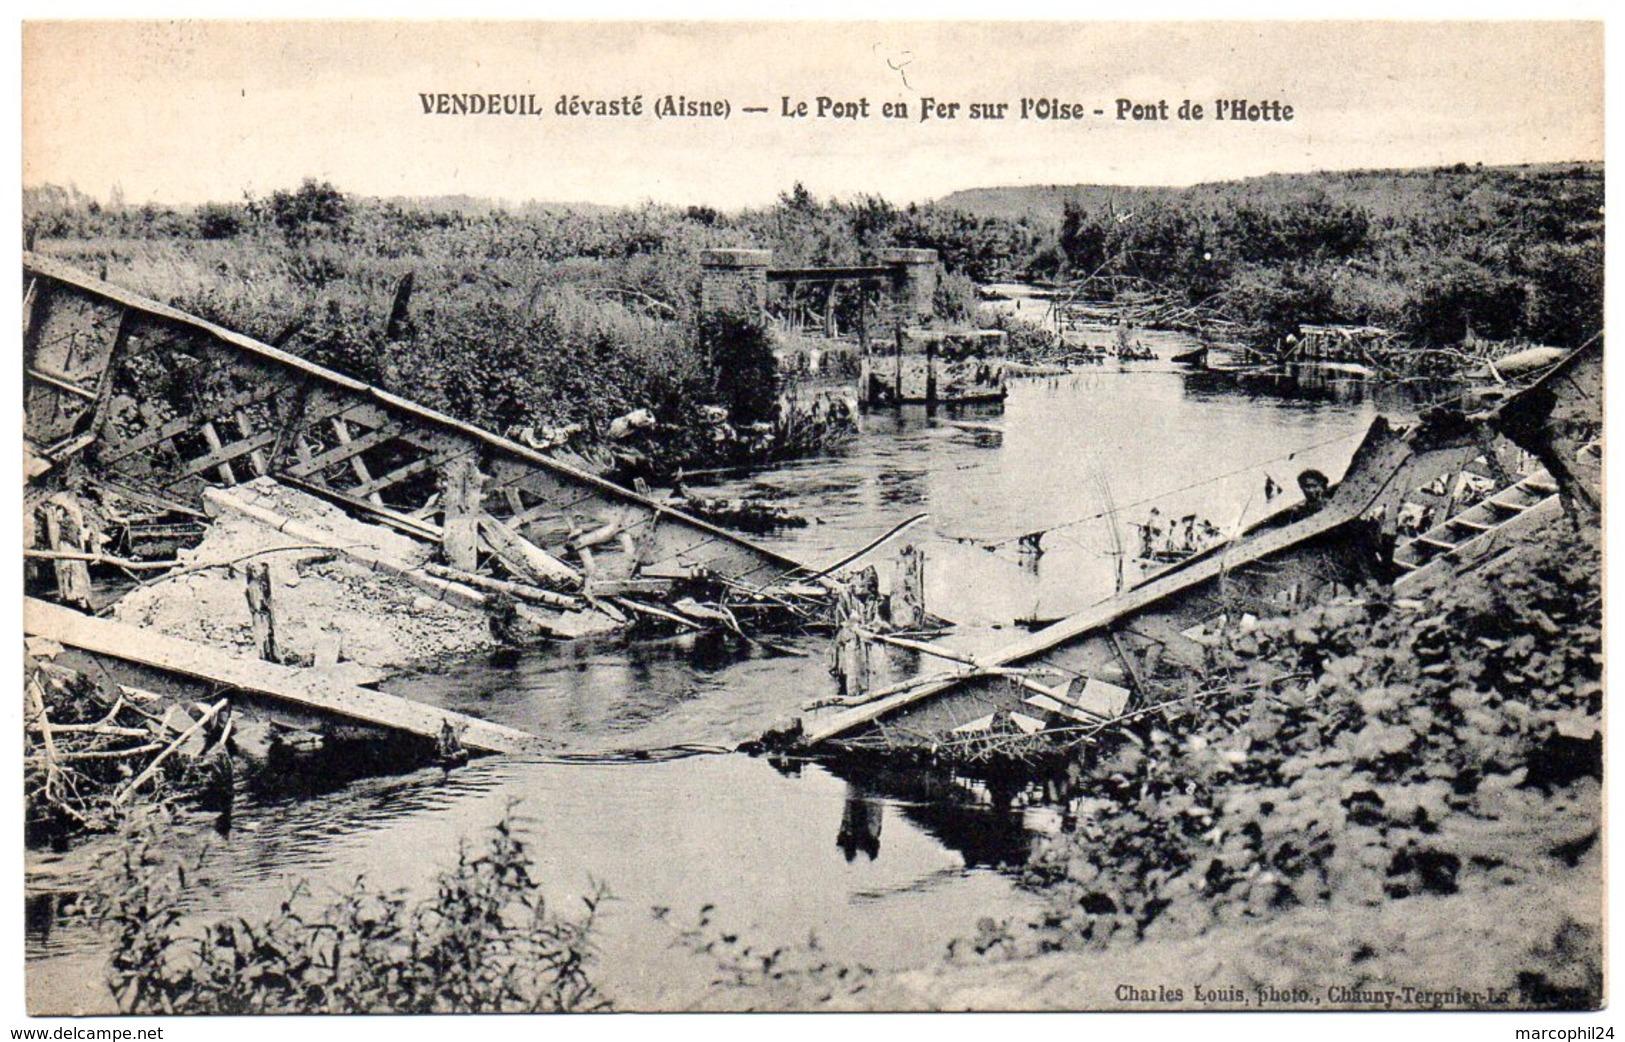 AISNE - Dépt N° 02 = VENDEUIL Dévasté = CPA NEUVE  SUPERBE = CHARLES LOUIS = Le Pont En Fer Sur L'Oise / Pont De L'Hotte - Frankreich